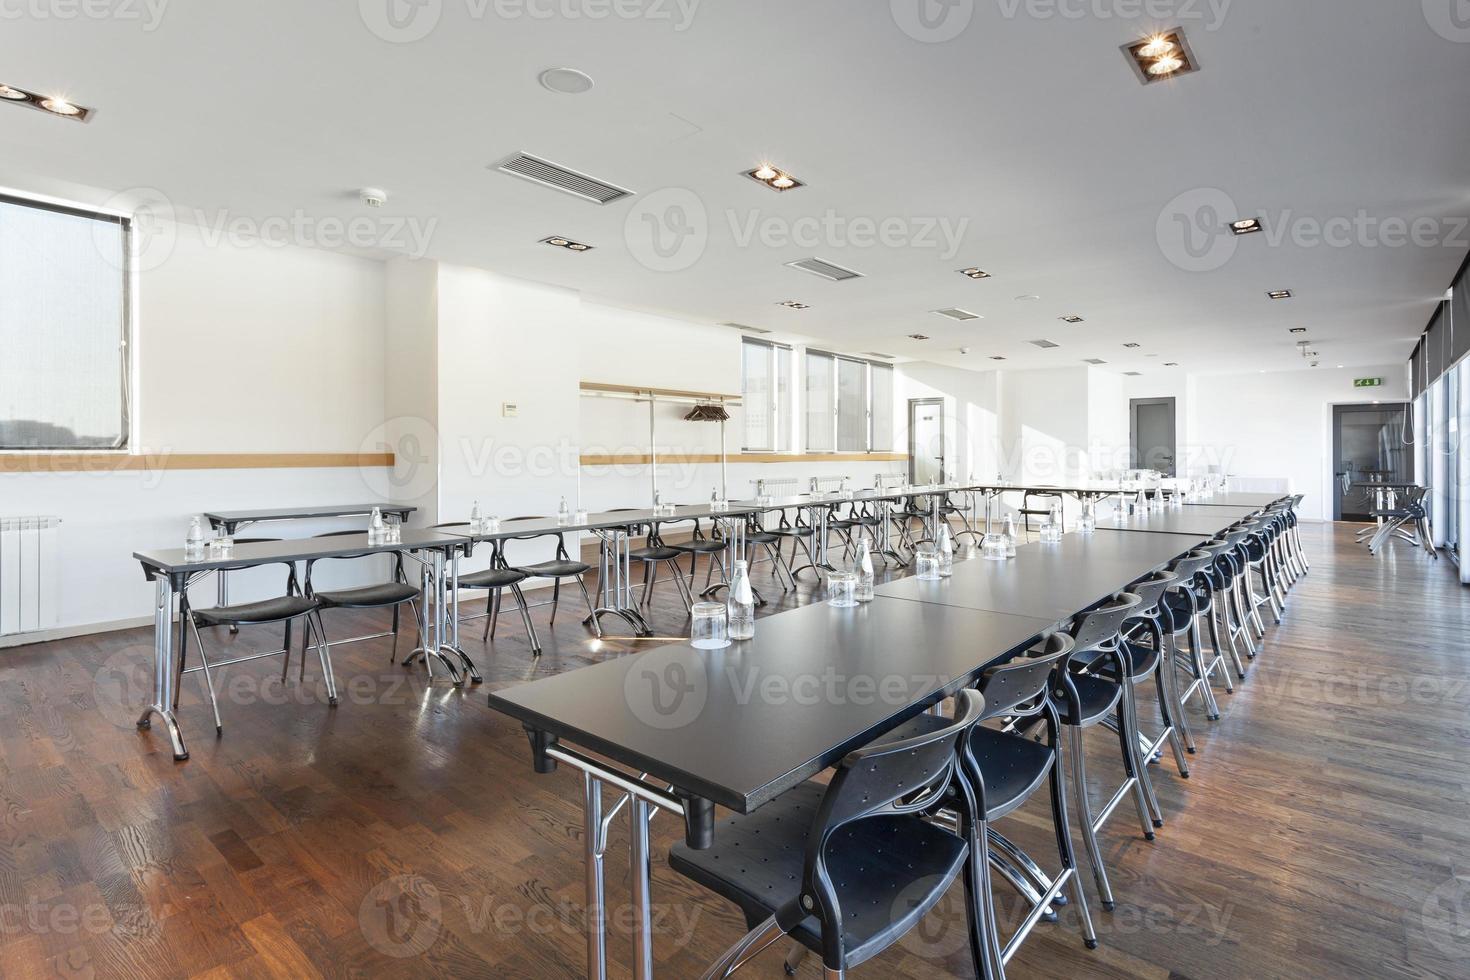 grote vergaderruimte klaar voor zakelijke bijeenkomst foto